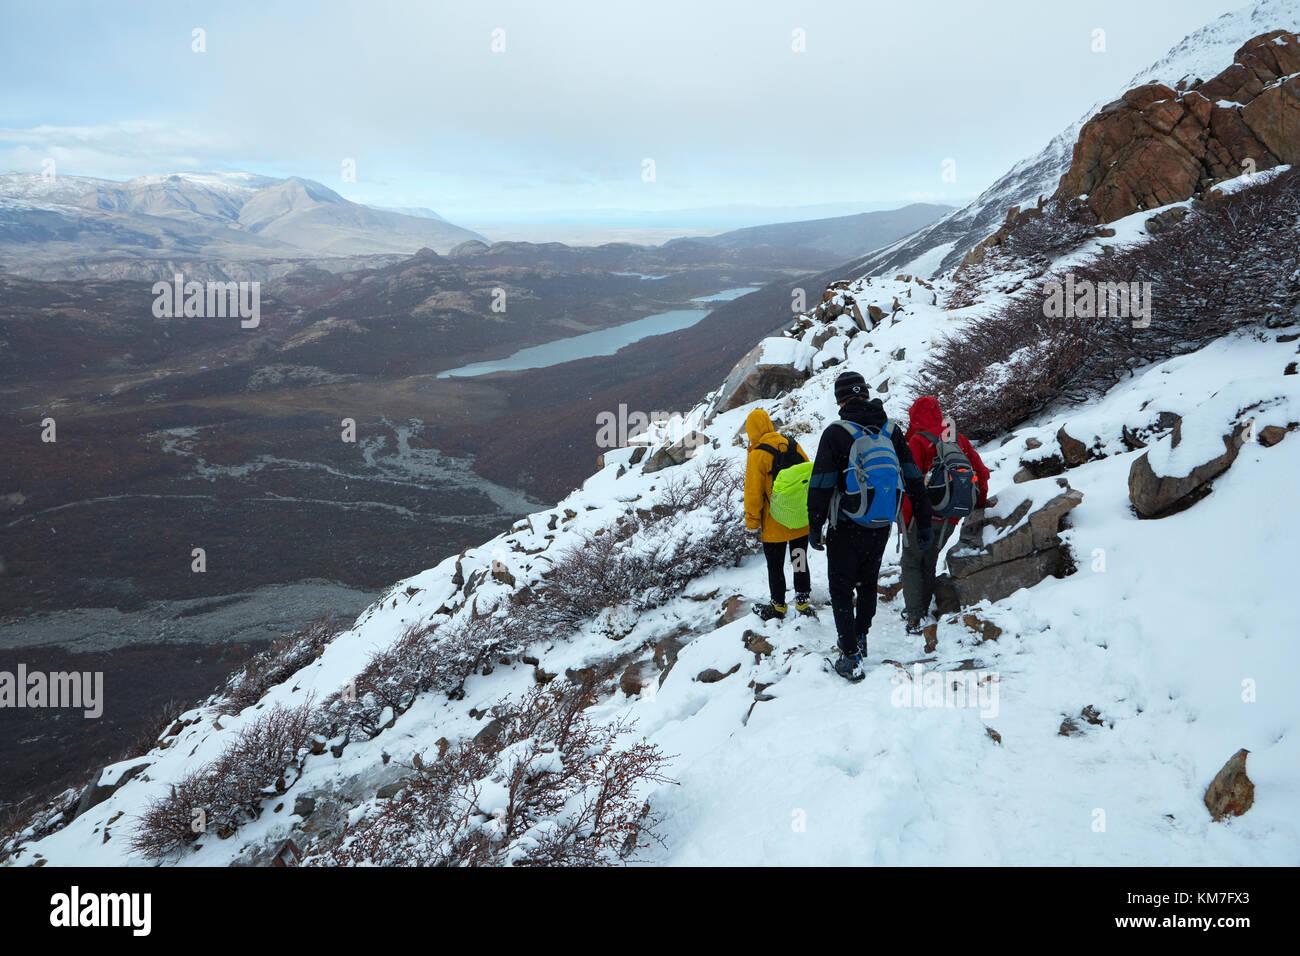 Hikers in snow on track to Laguna de los Tres, Parque Nacional Los Glaciares (World Heritage Area), Patagonia, Argentina, Stock Photo